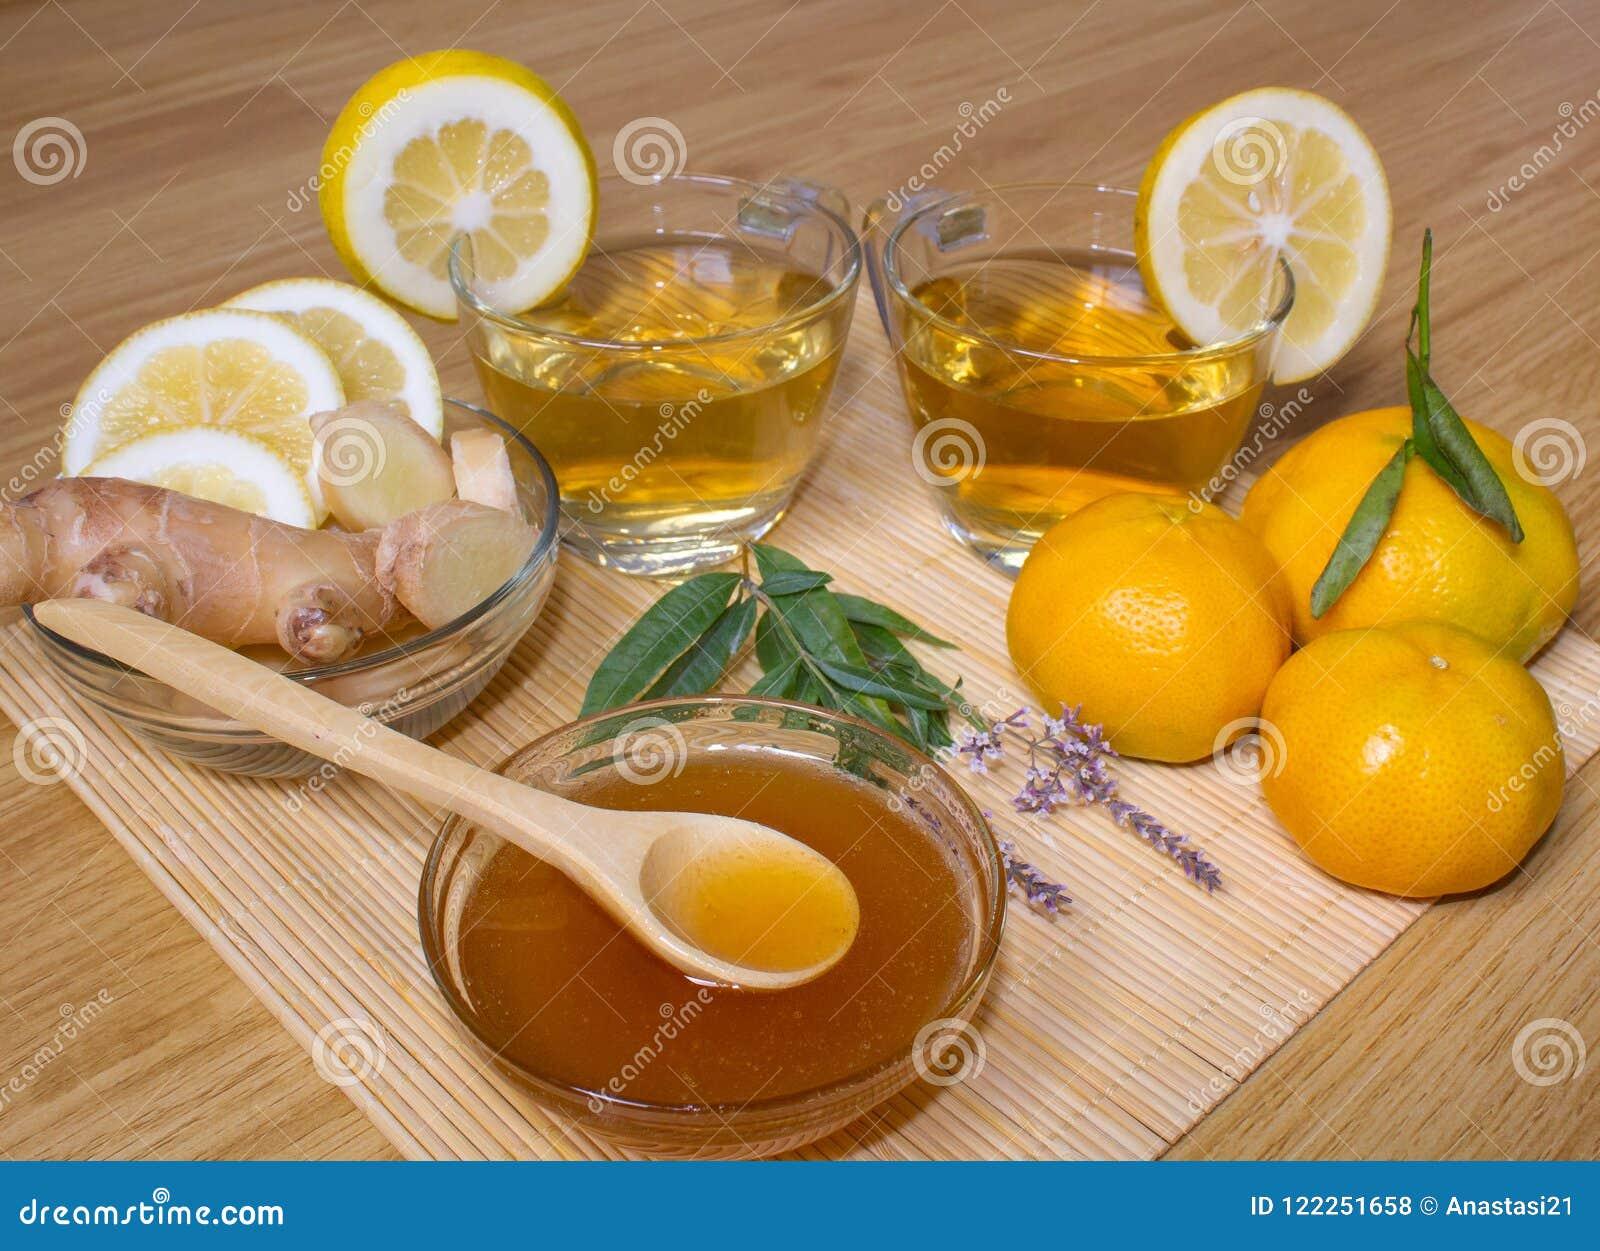 1 Livstid Fortfarande Te I Genomskinliga Koppar Honung Ingefära